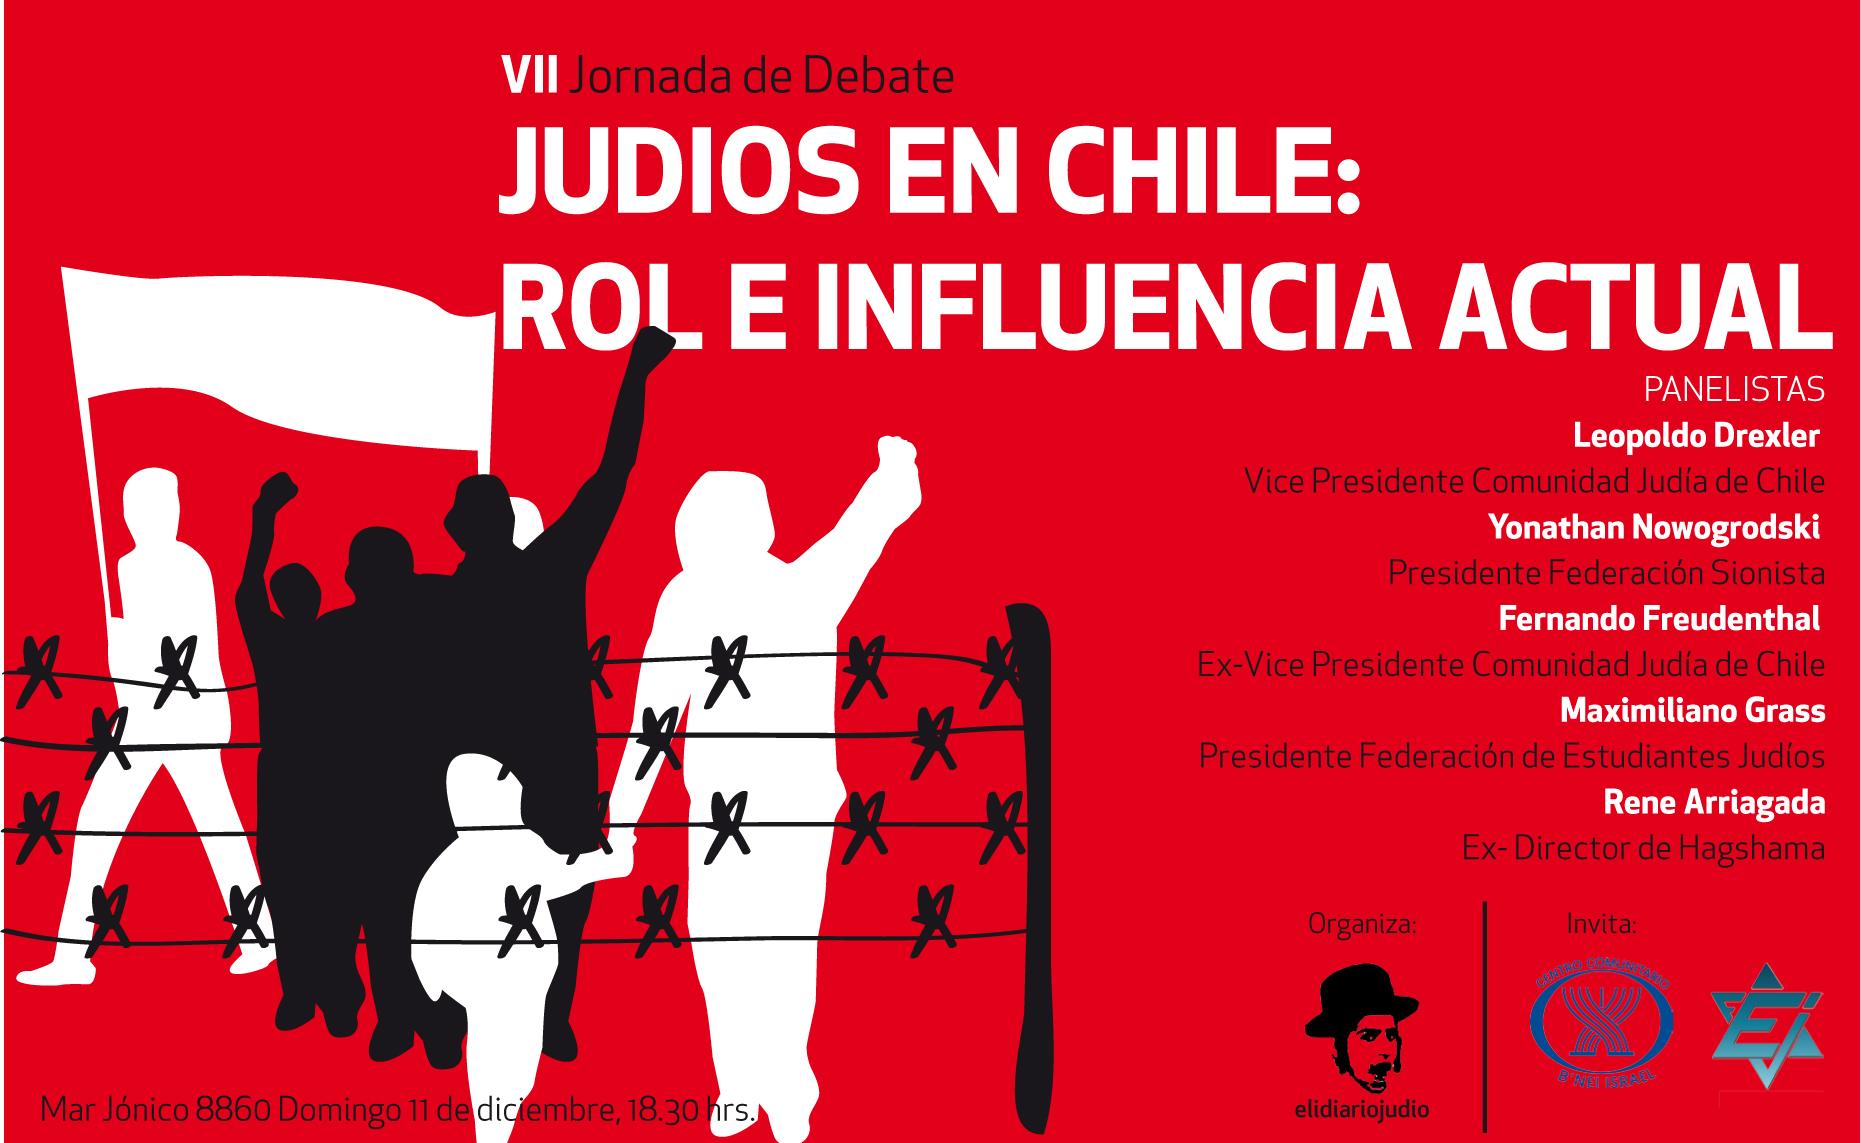 judios en chile: